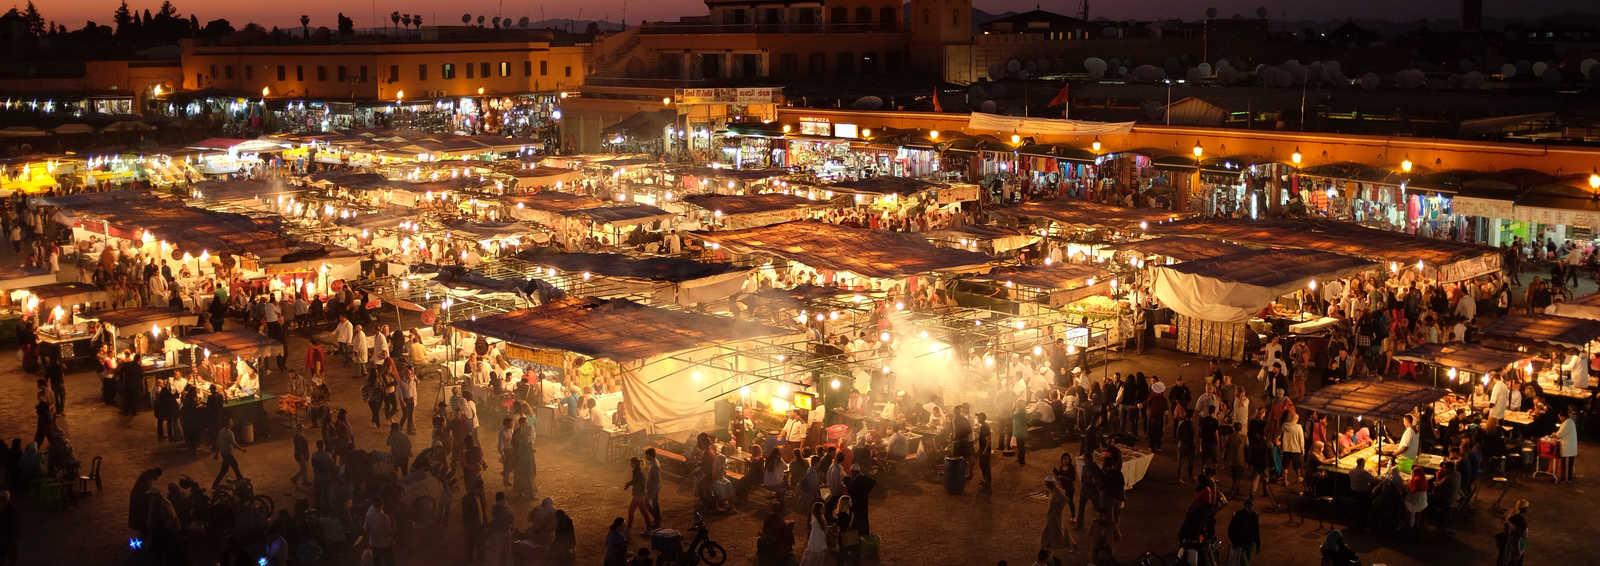 Market square in Marrakech, Morocco